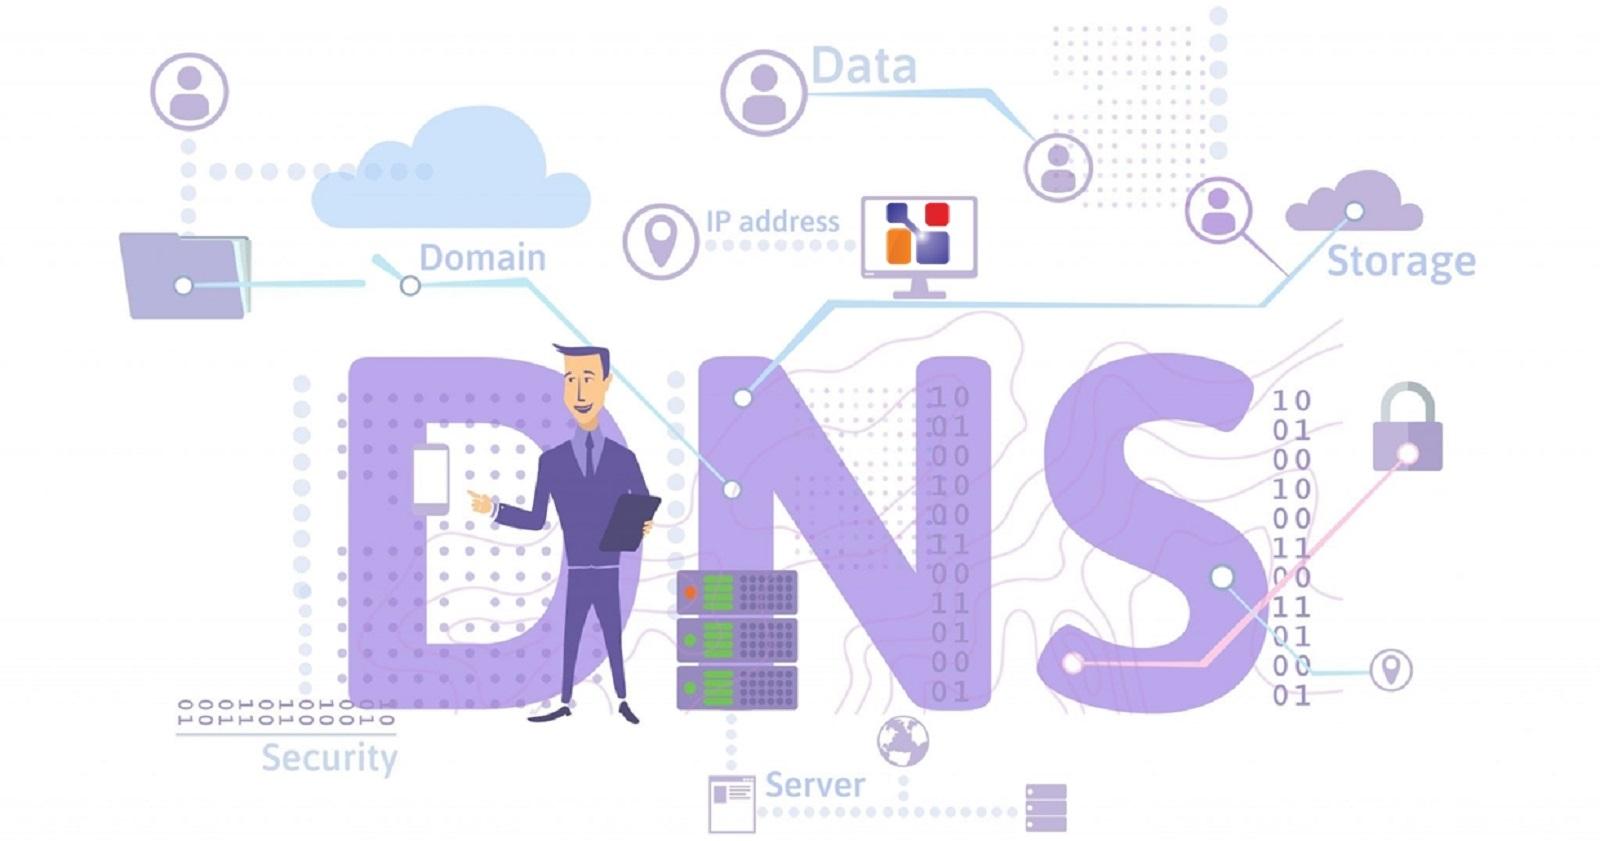 Apa itu DNS (Domain Name System) dan Cara Kerja? - IDwebhost